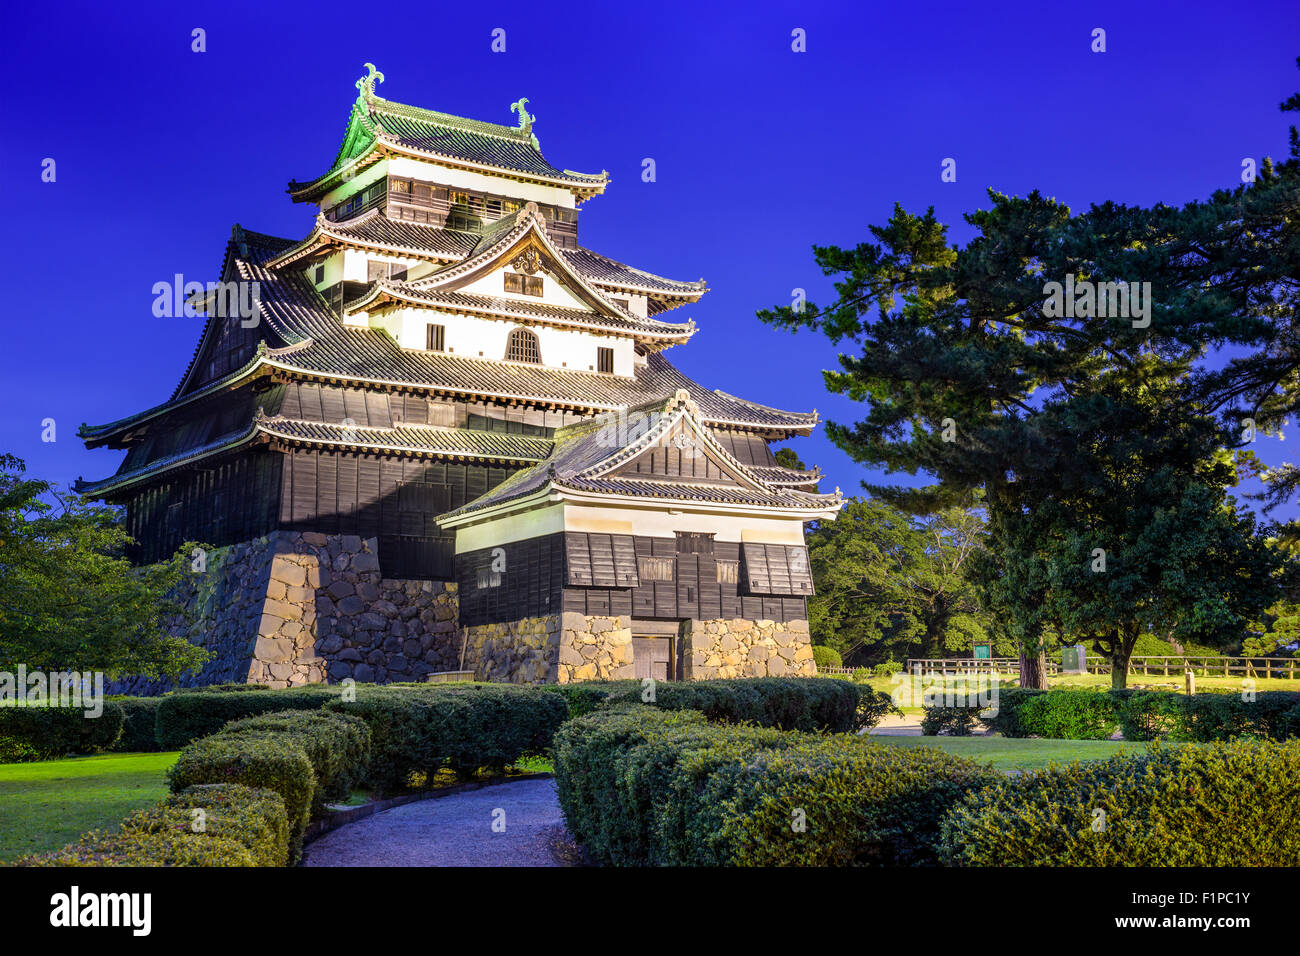 Matsue, Giappone presso il castello. Il castello è uno dei pochi originali castello mantiene nel paese. Immagini Stock